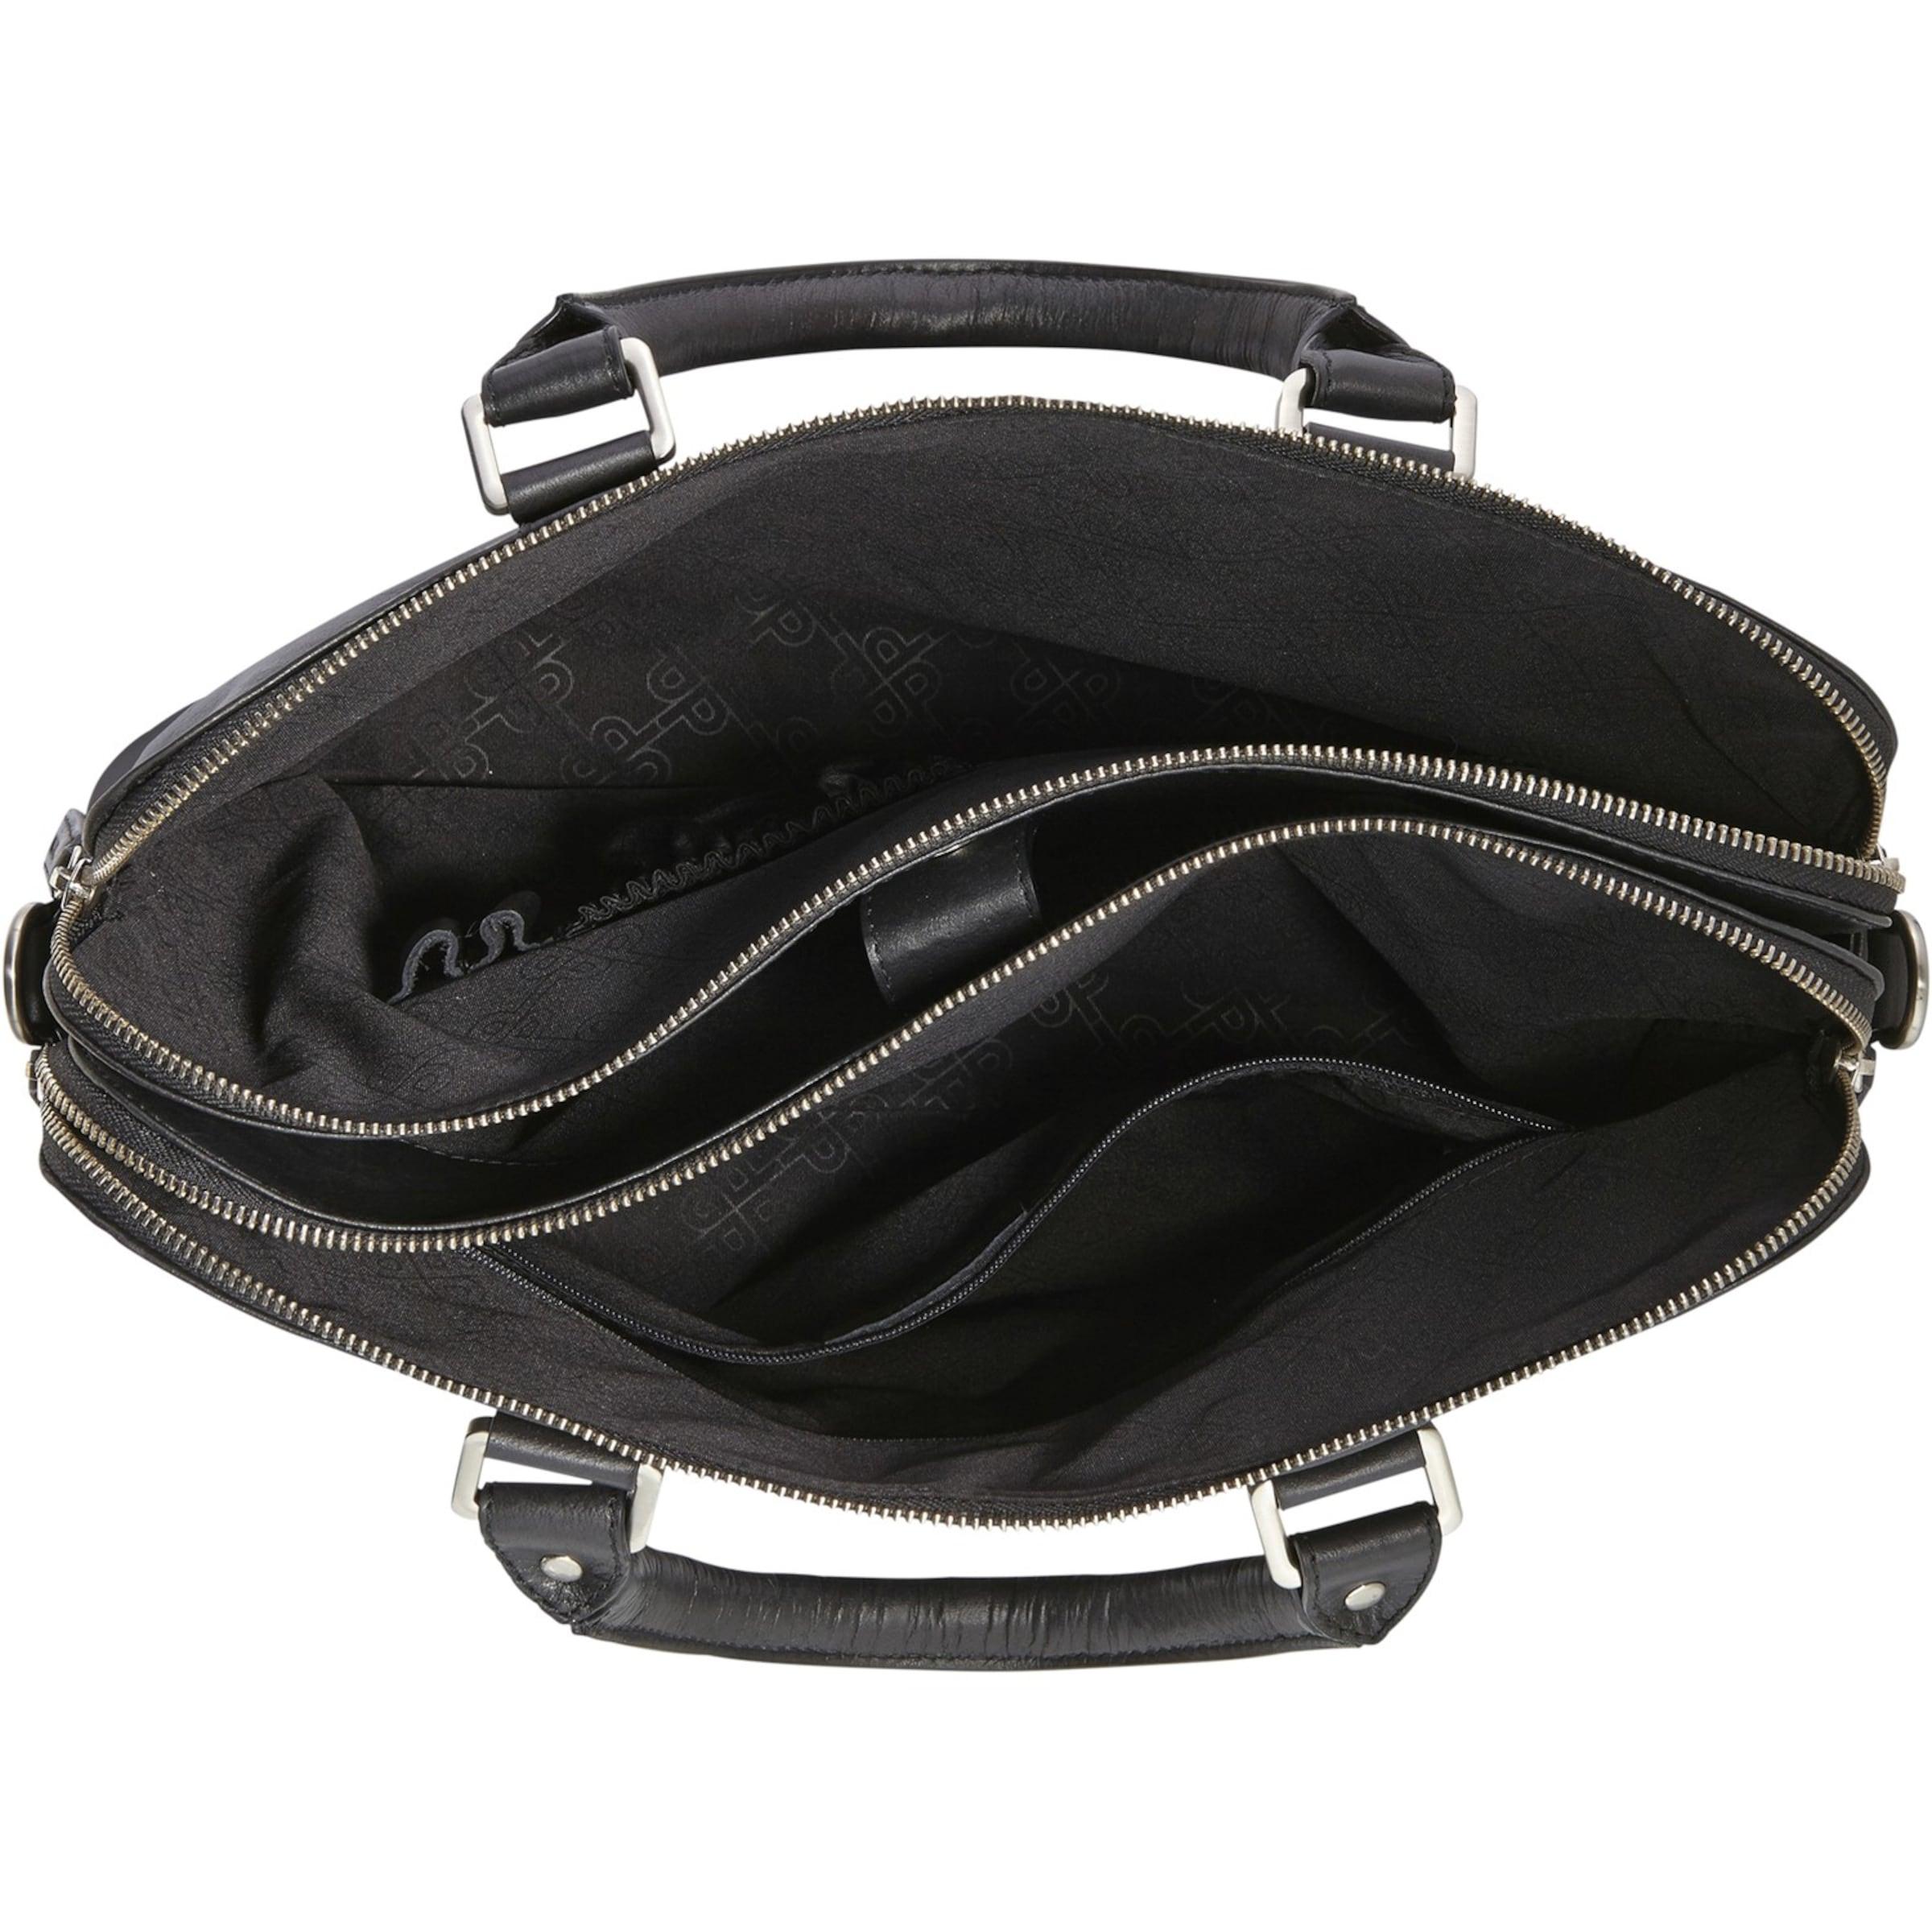 Spielraum Zuverlässig Steckdose Shop Picard Buddy Notebooktasche Preise GEx4SiRgw